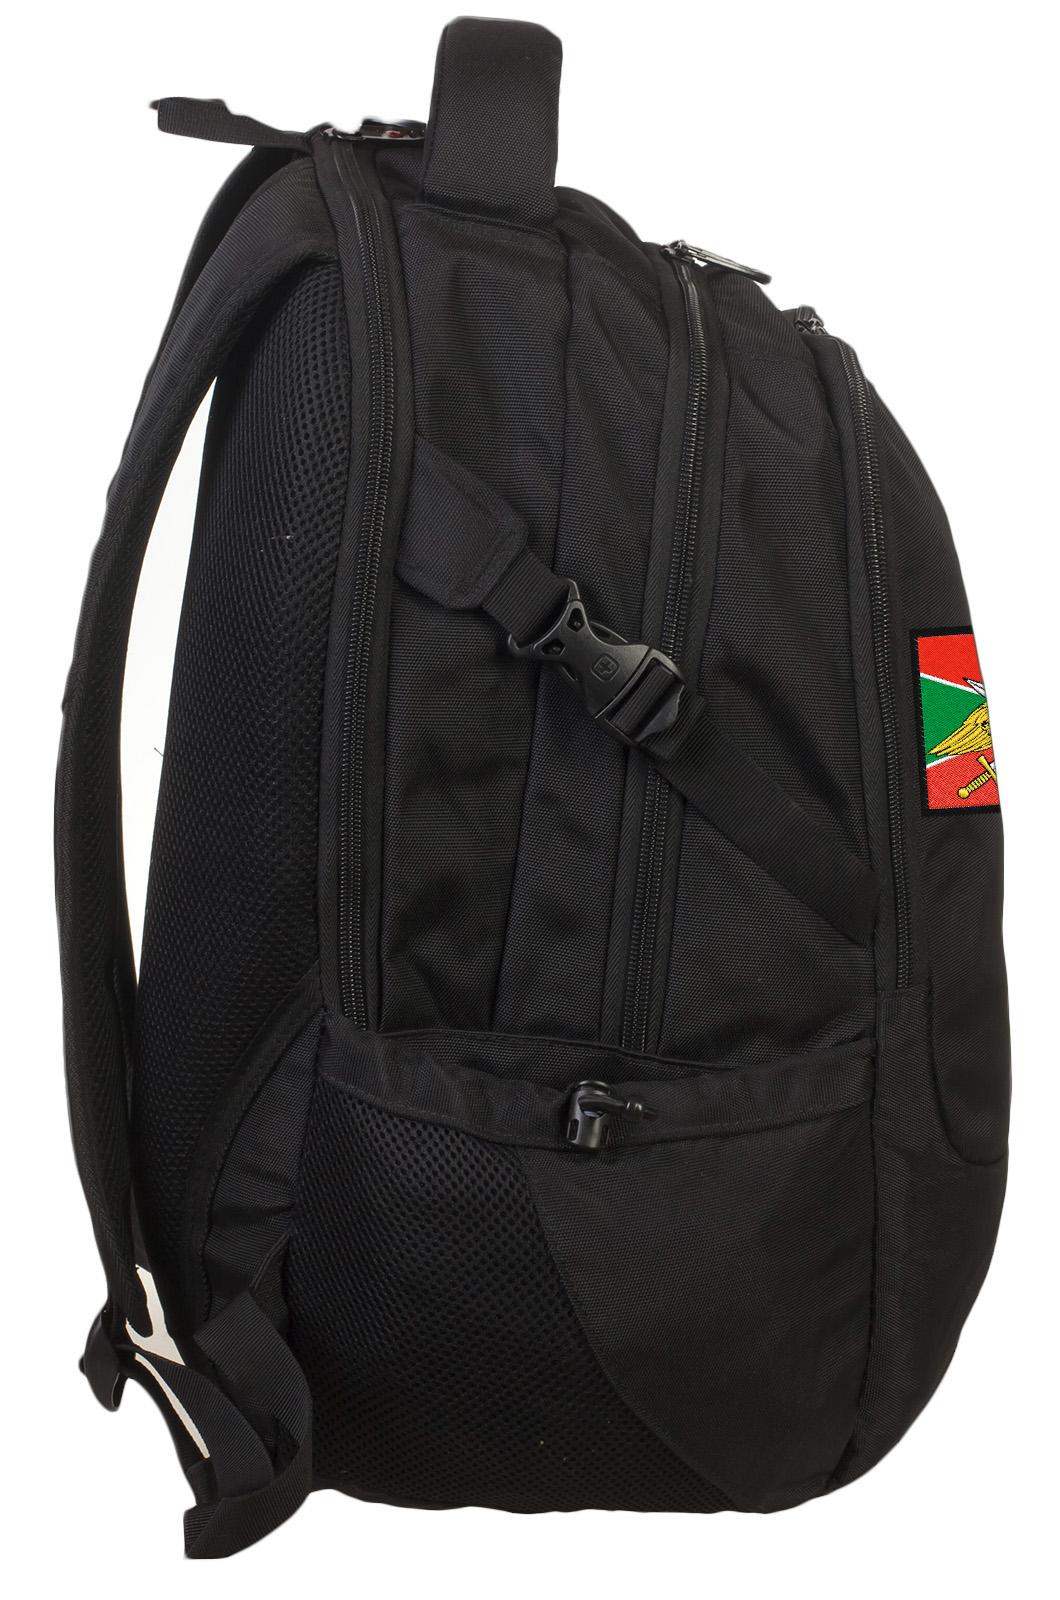 Черный внушительный рюкзак с нашивкой Погранвойска - заказать выгодно